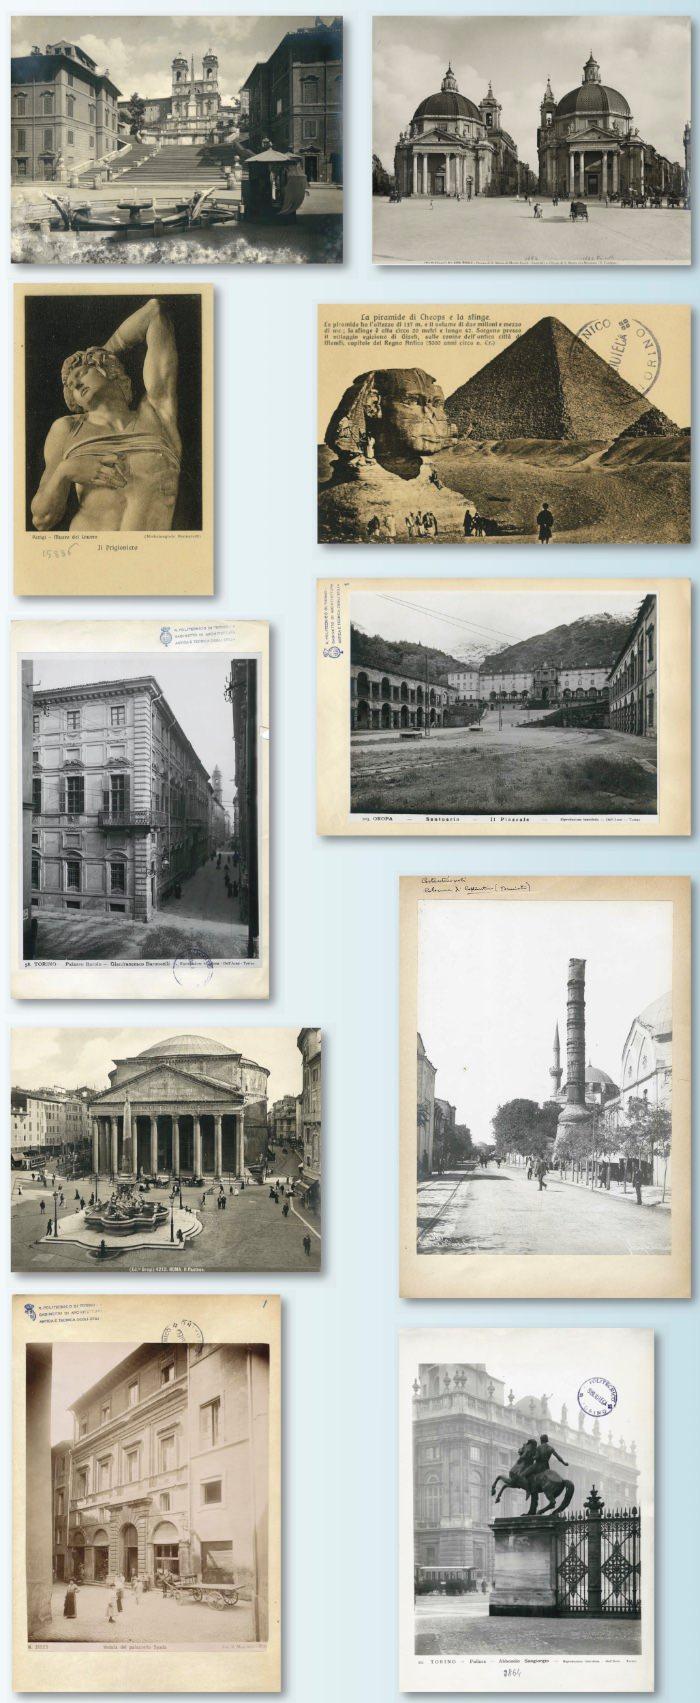 dalla locandina il Gabinetto di Architettura antica e Tecnica degli stili imagecredits polito.it